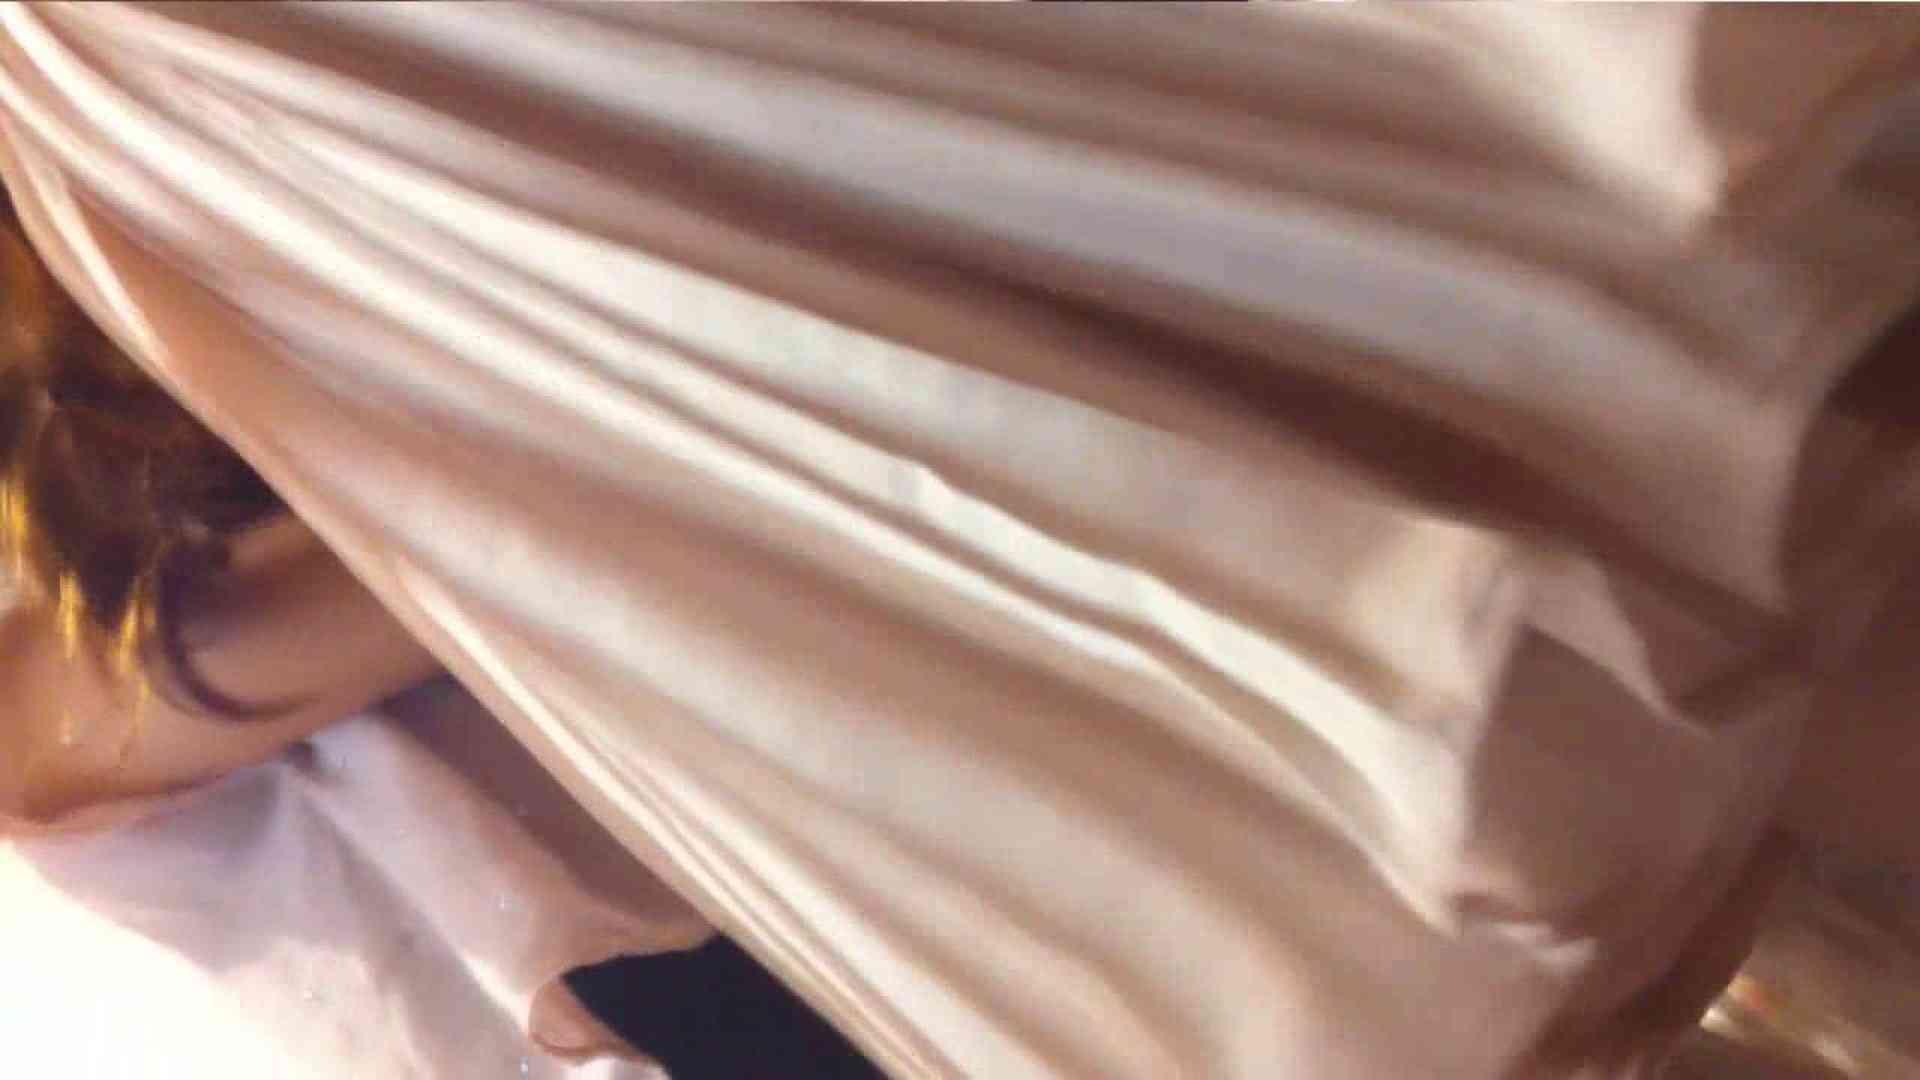 vol.35 美人アパレル胸チラ&パンチラ ひらひらスカートの中身は? 接写 | パンチラハメ撮り  62pic 17